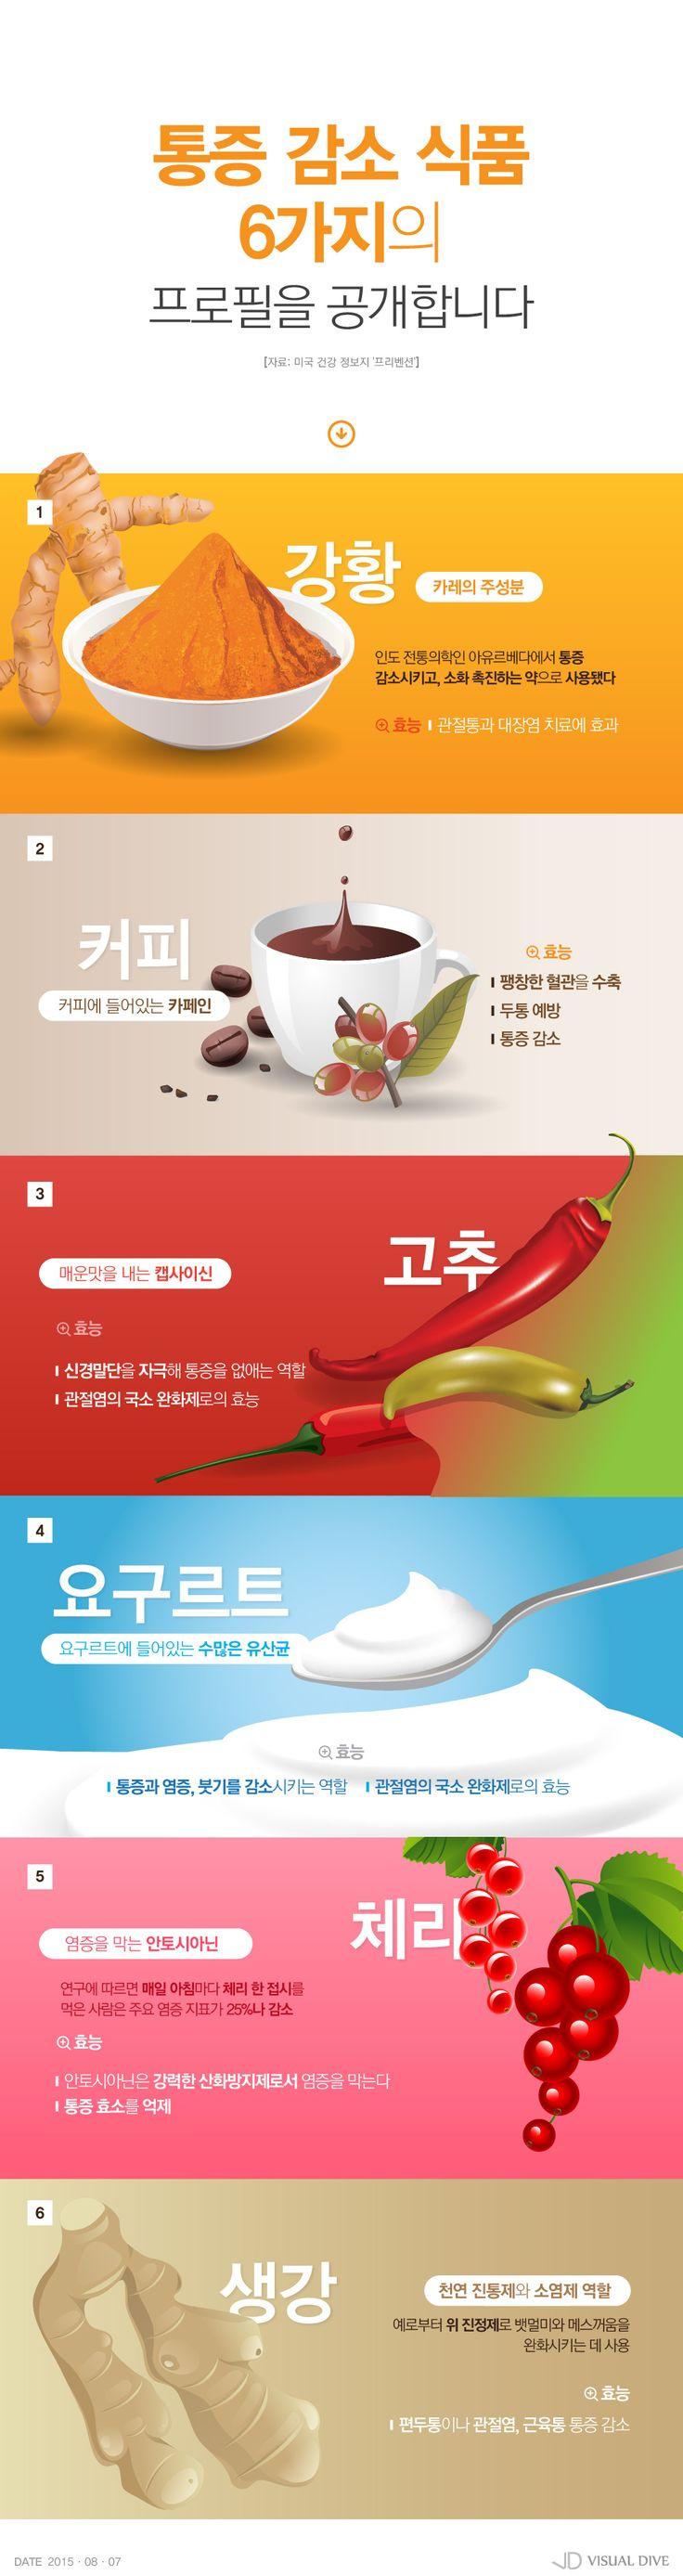 VD-food-150722